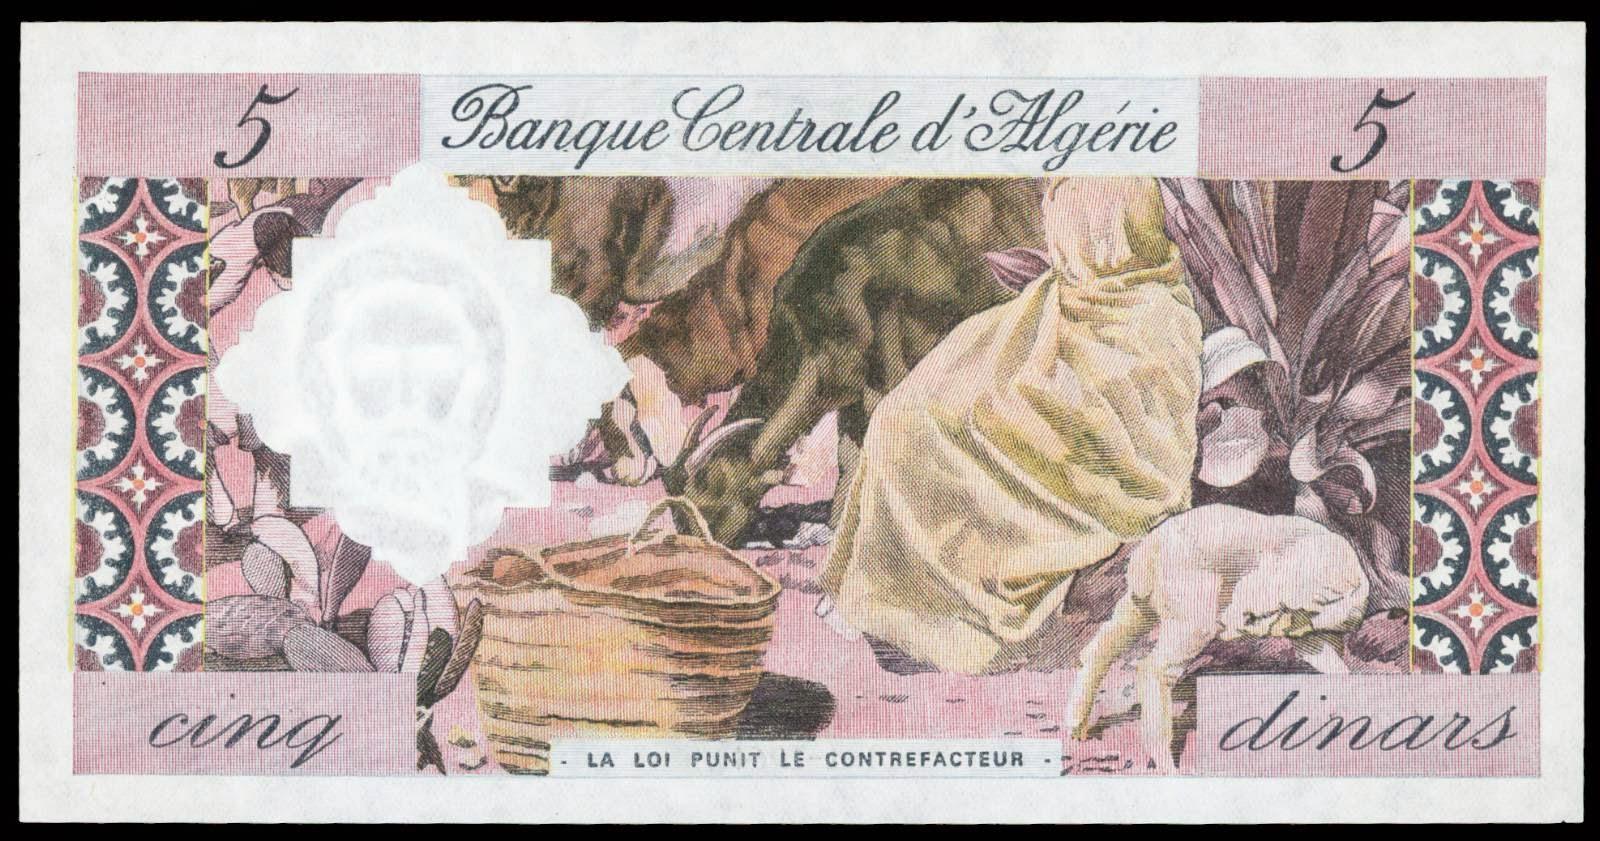 Algeria money 5 Dinars banknote 1964